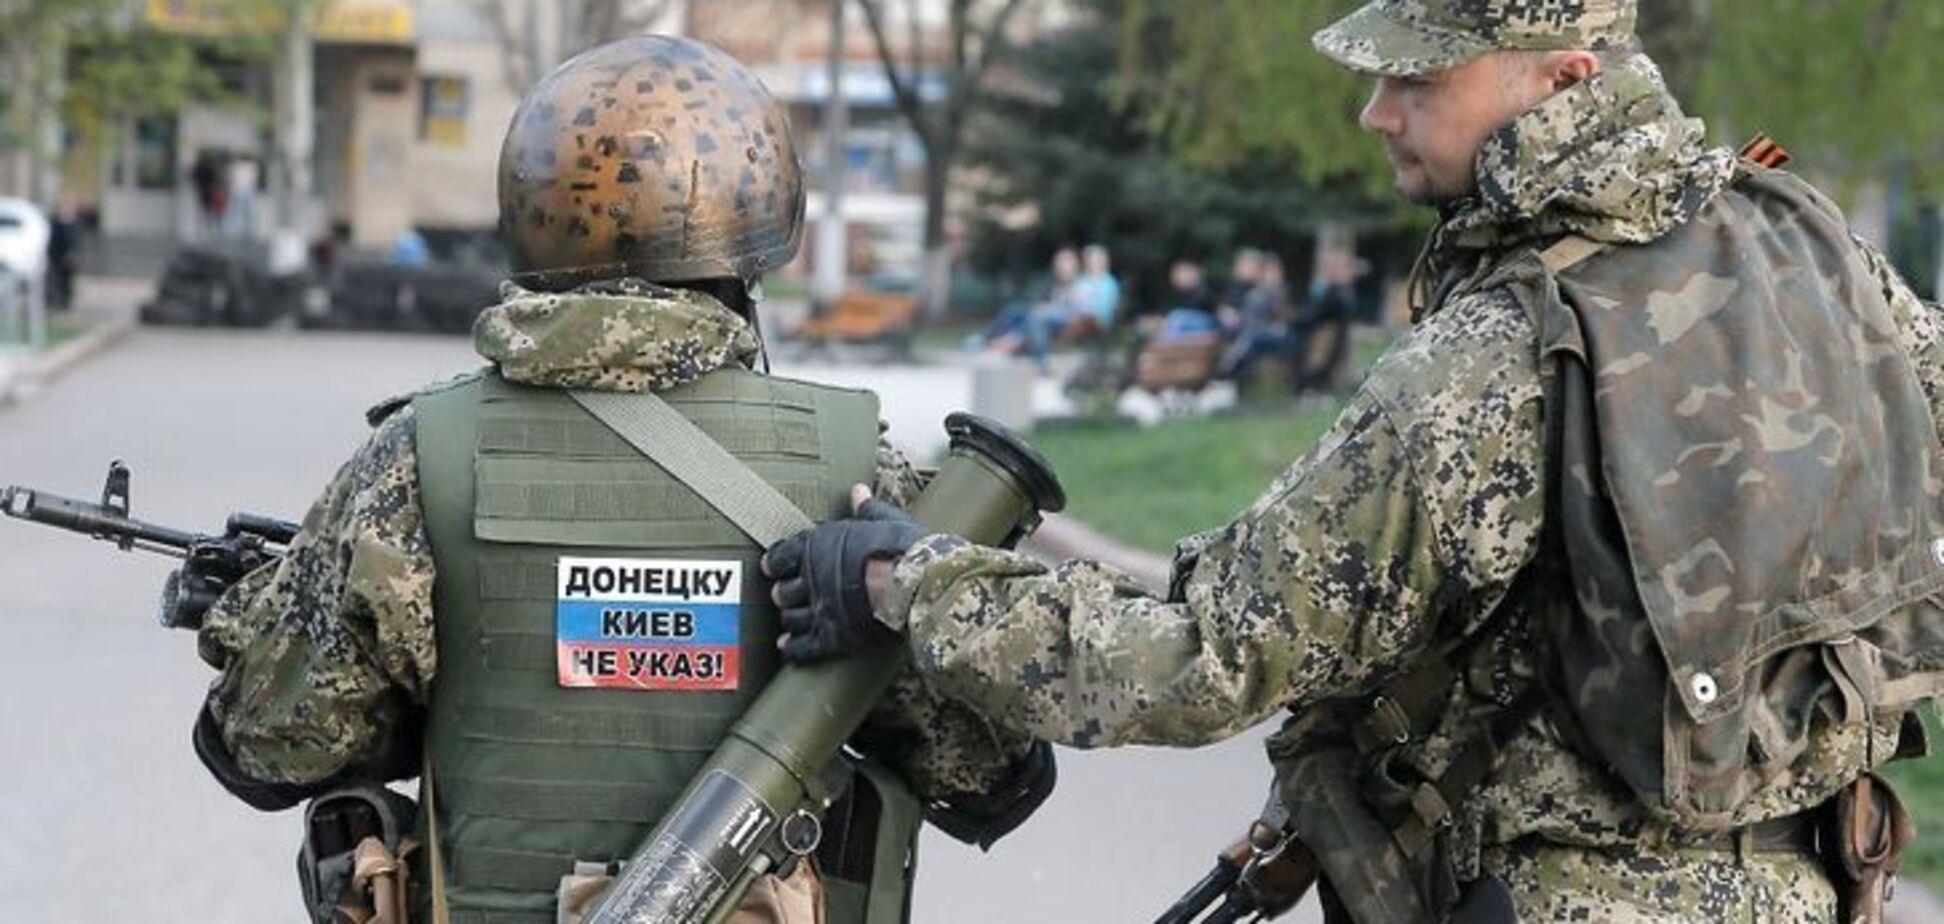 ''Не мають офіцерської честі'': волонтер розкритикувала окупантів Донбасу